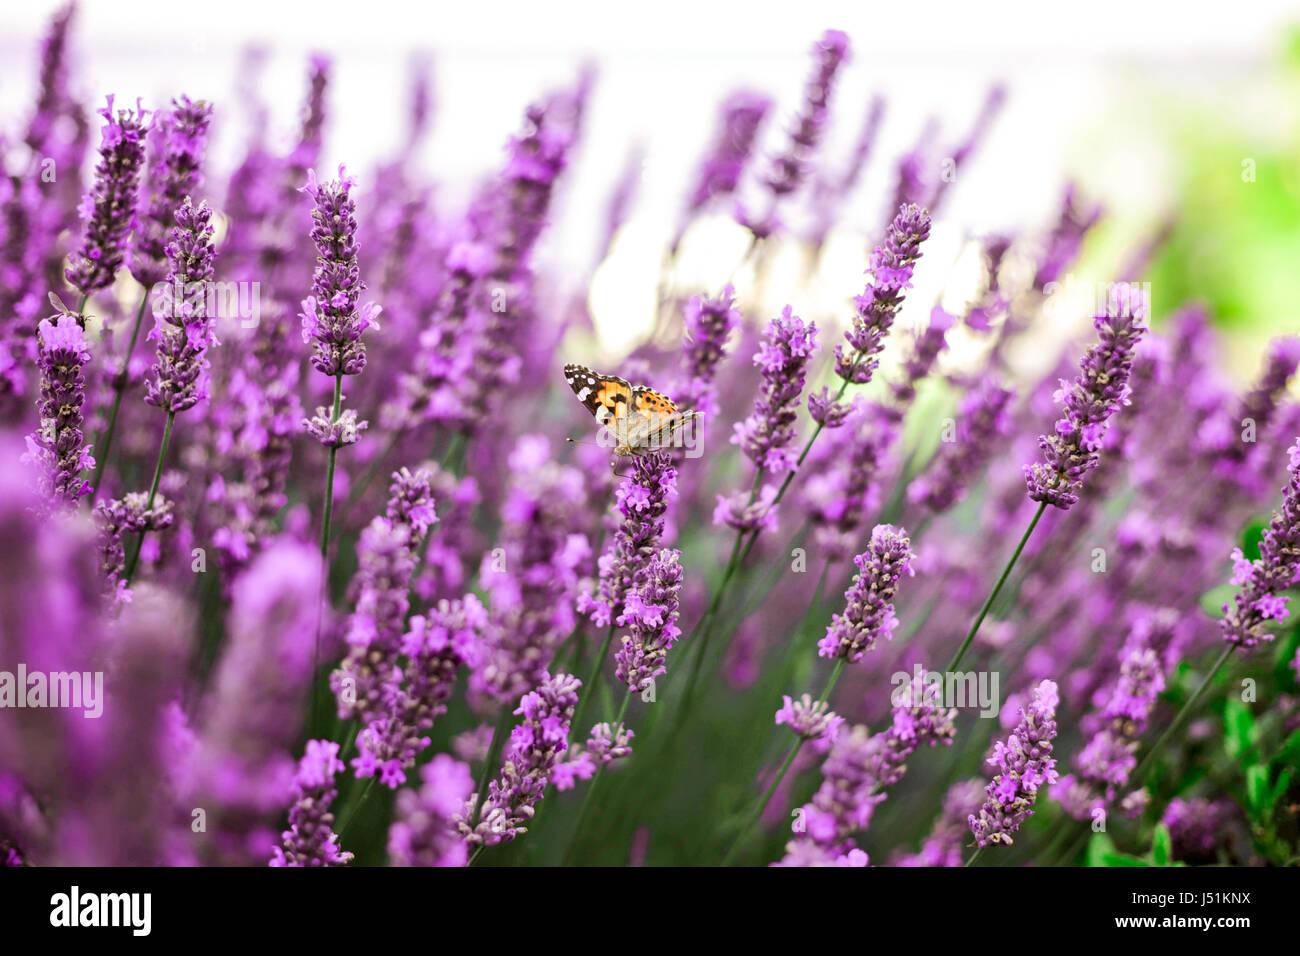 Una mariposa sentada sobre una flor de lavanda en el campo de lavanda, hora de verano, la Crimea. Imagen De Stock